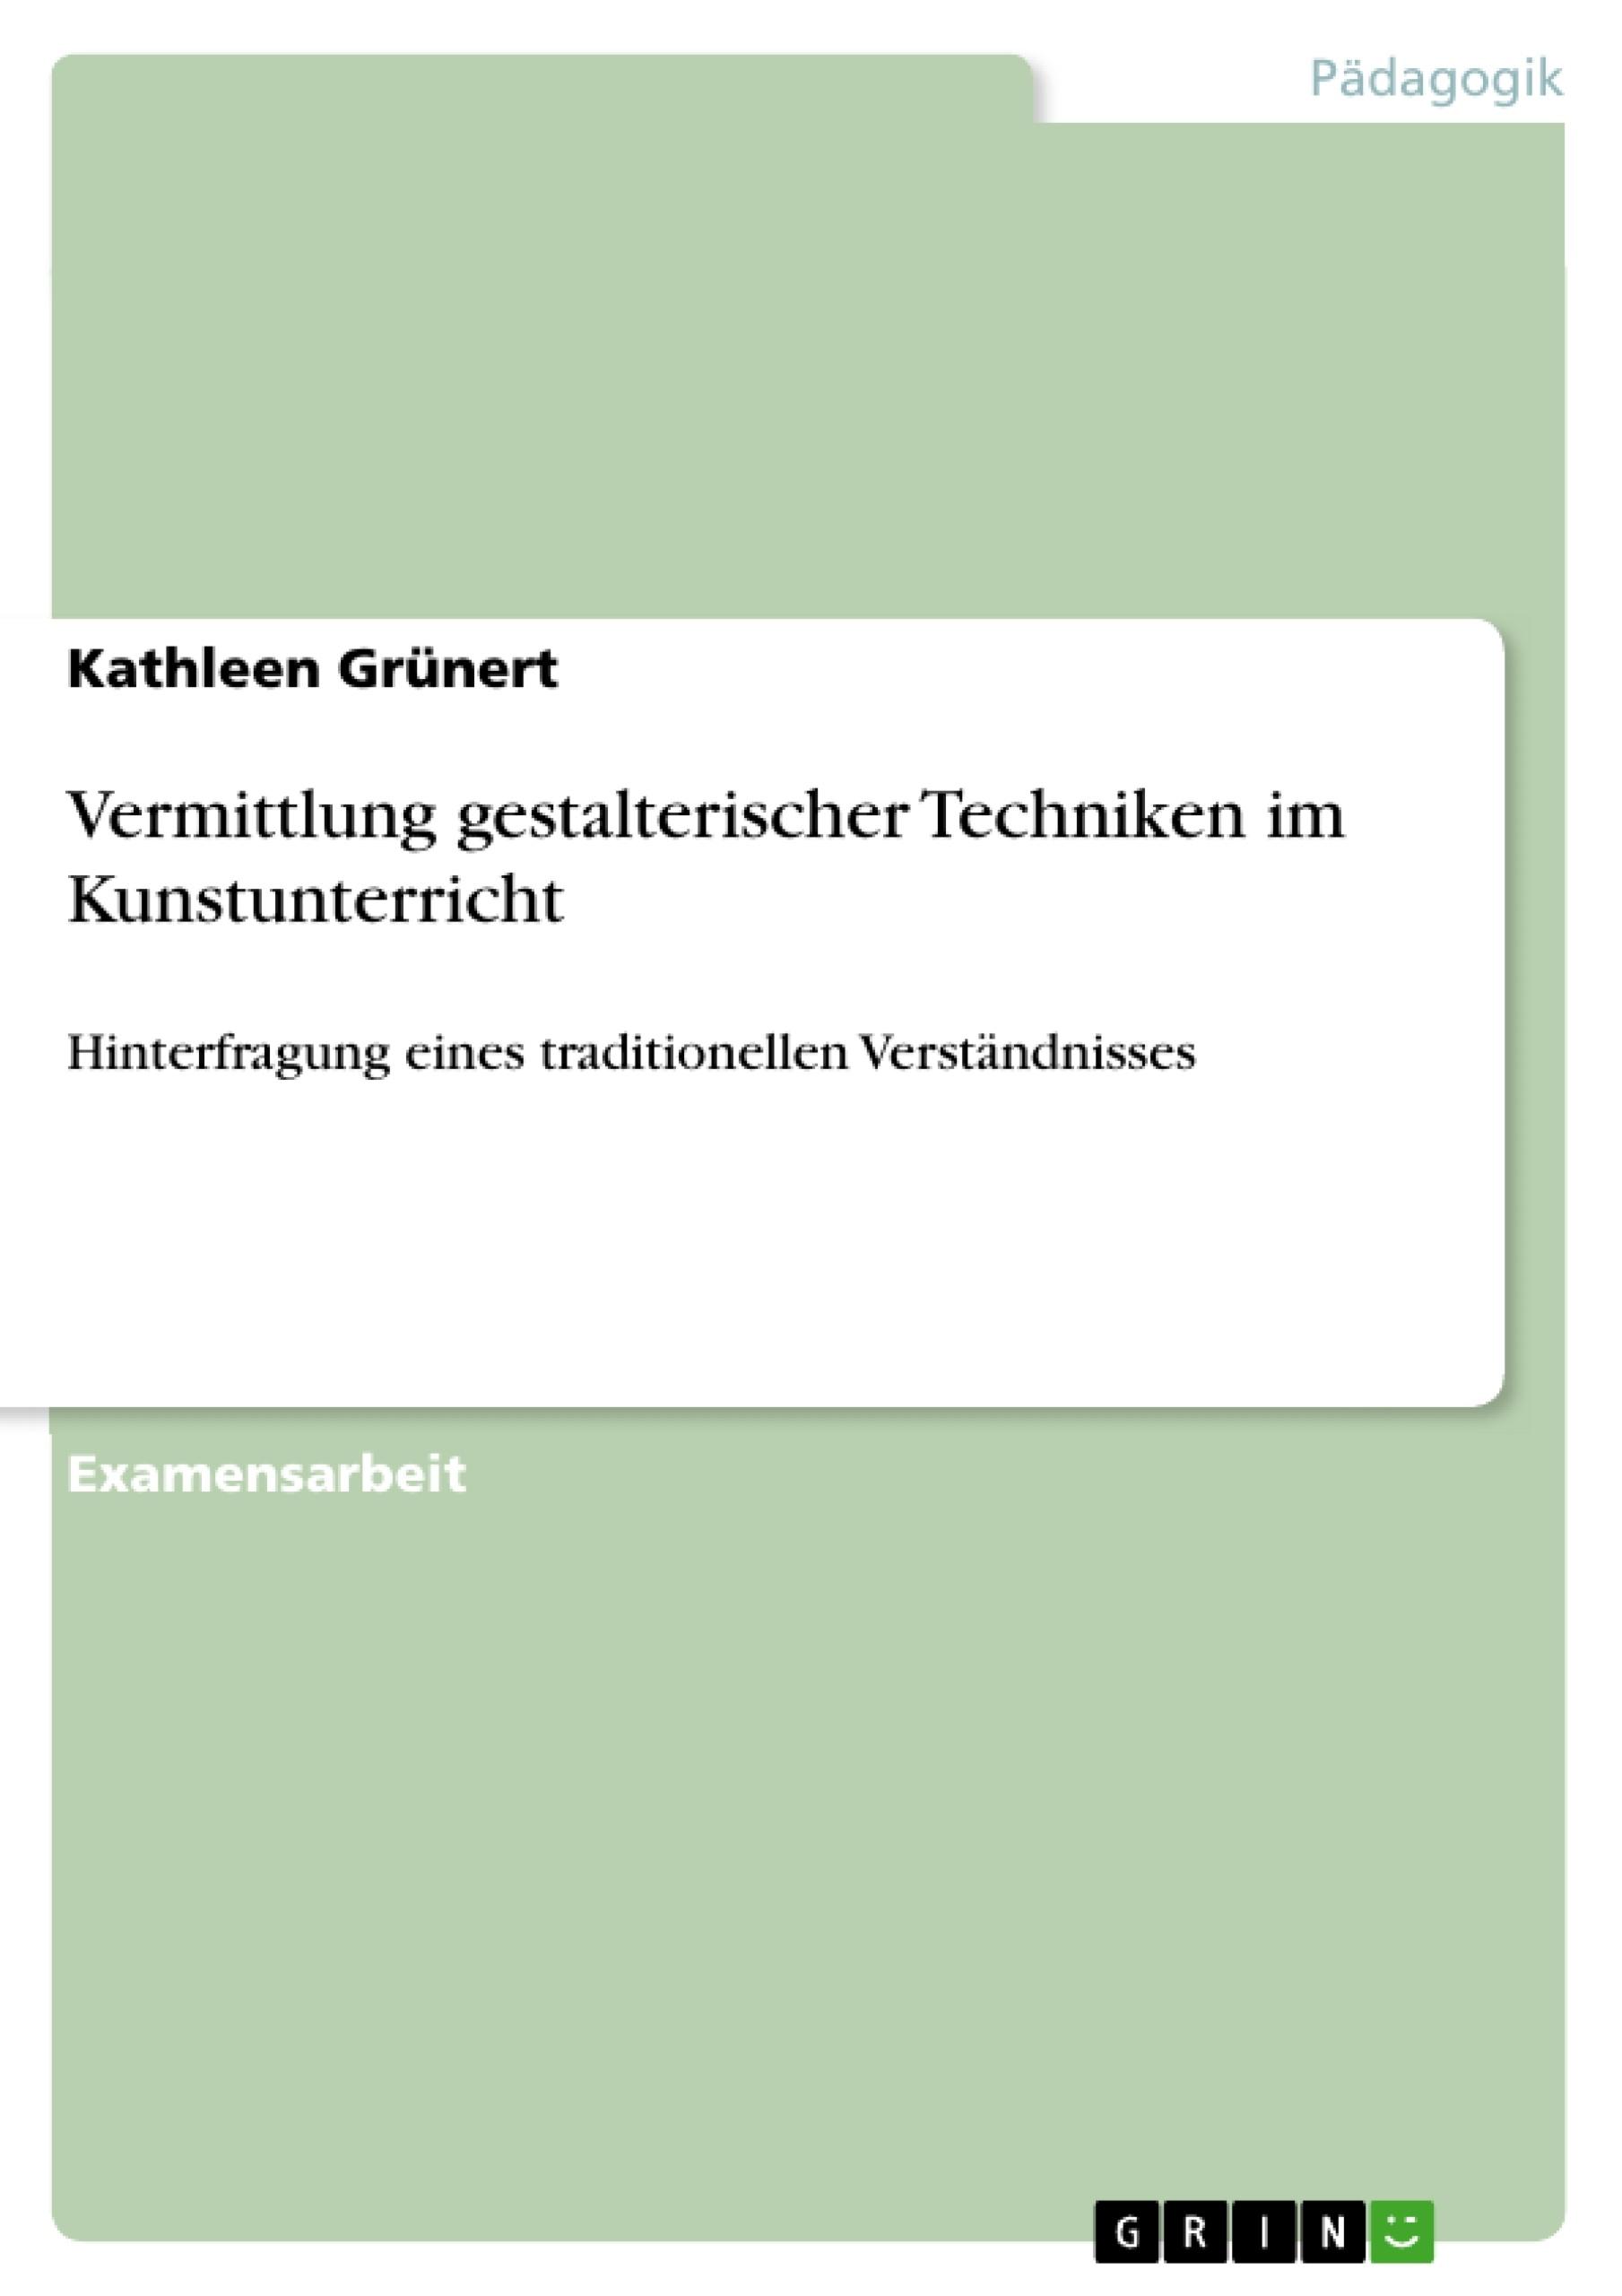 Titel: Vermittlung gestalterischer Techniken im Kunstunterricht